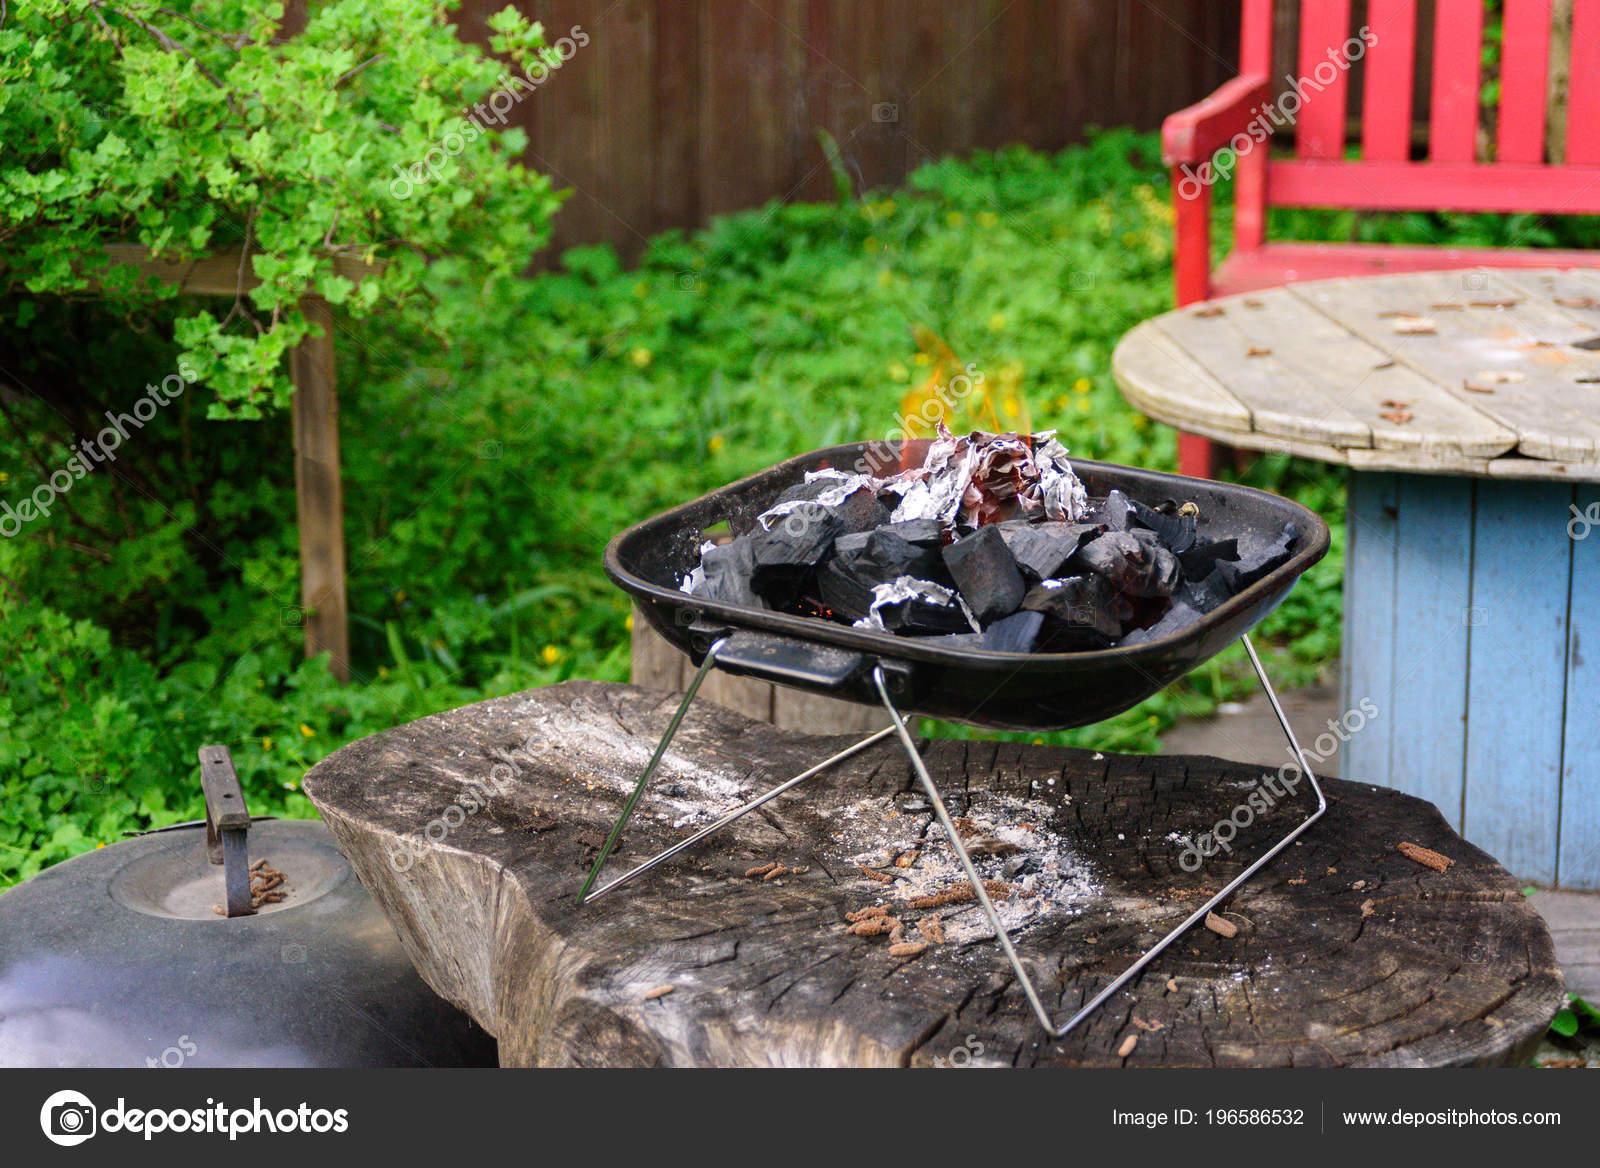 holzkohle bbq barbecue grill garten hintergrund tragbare grillware